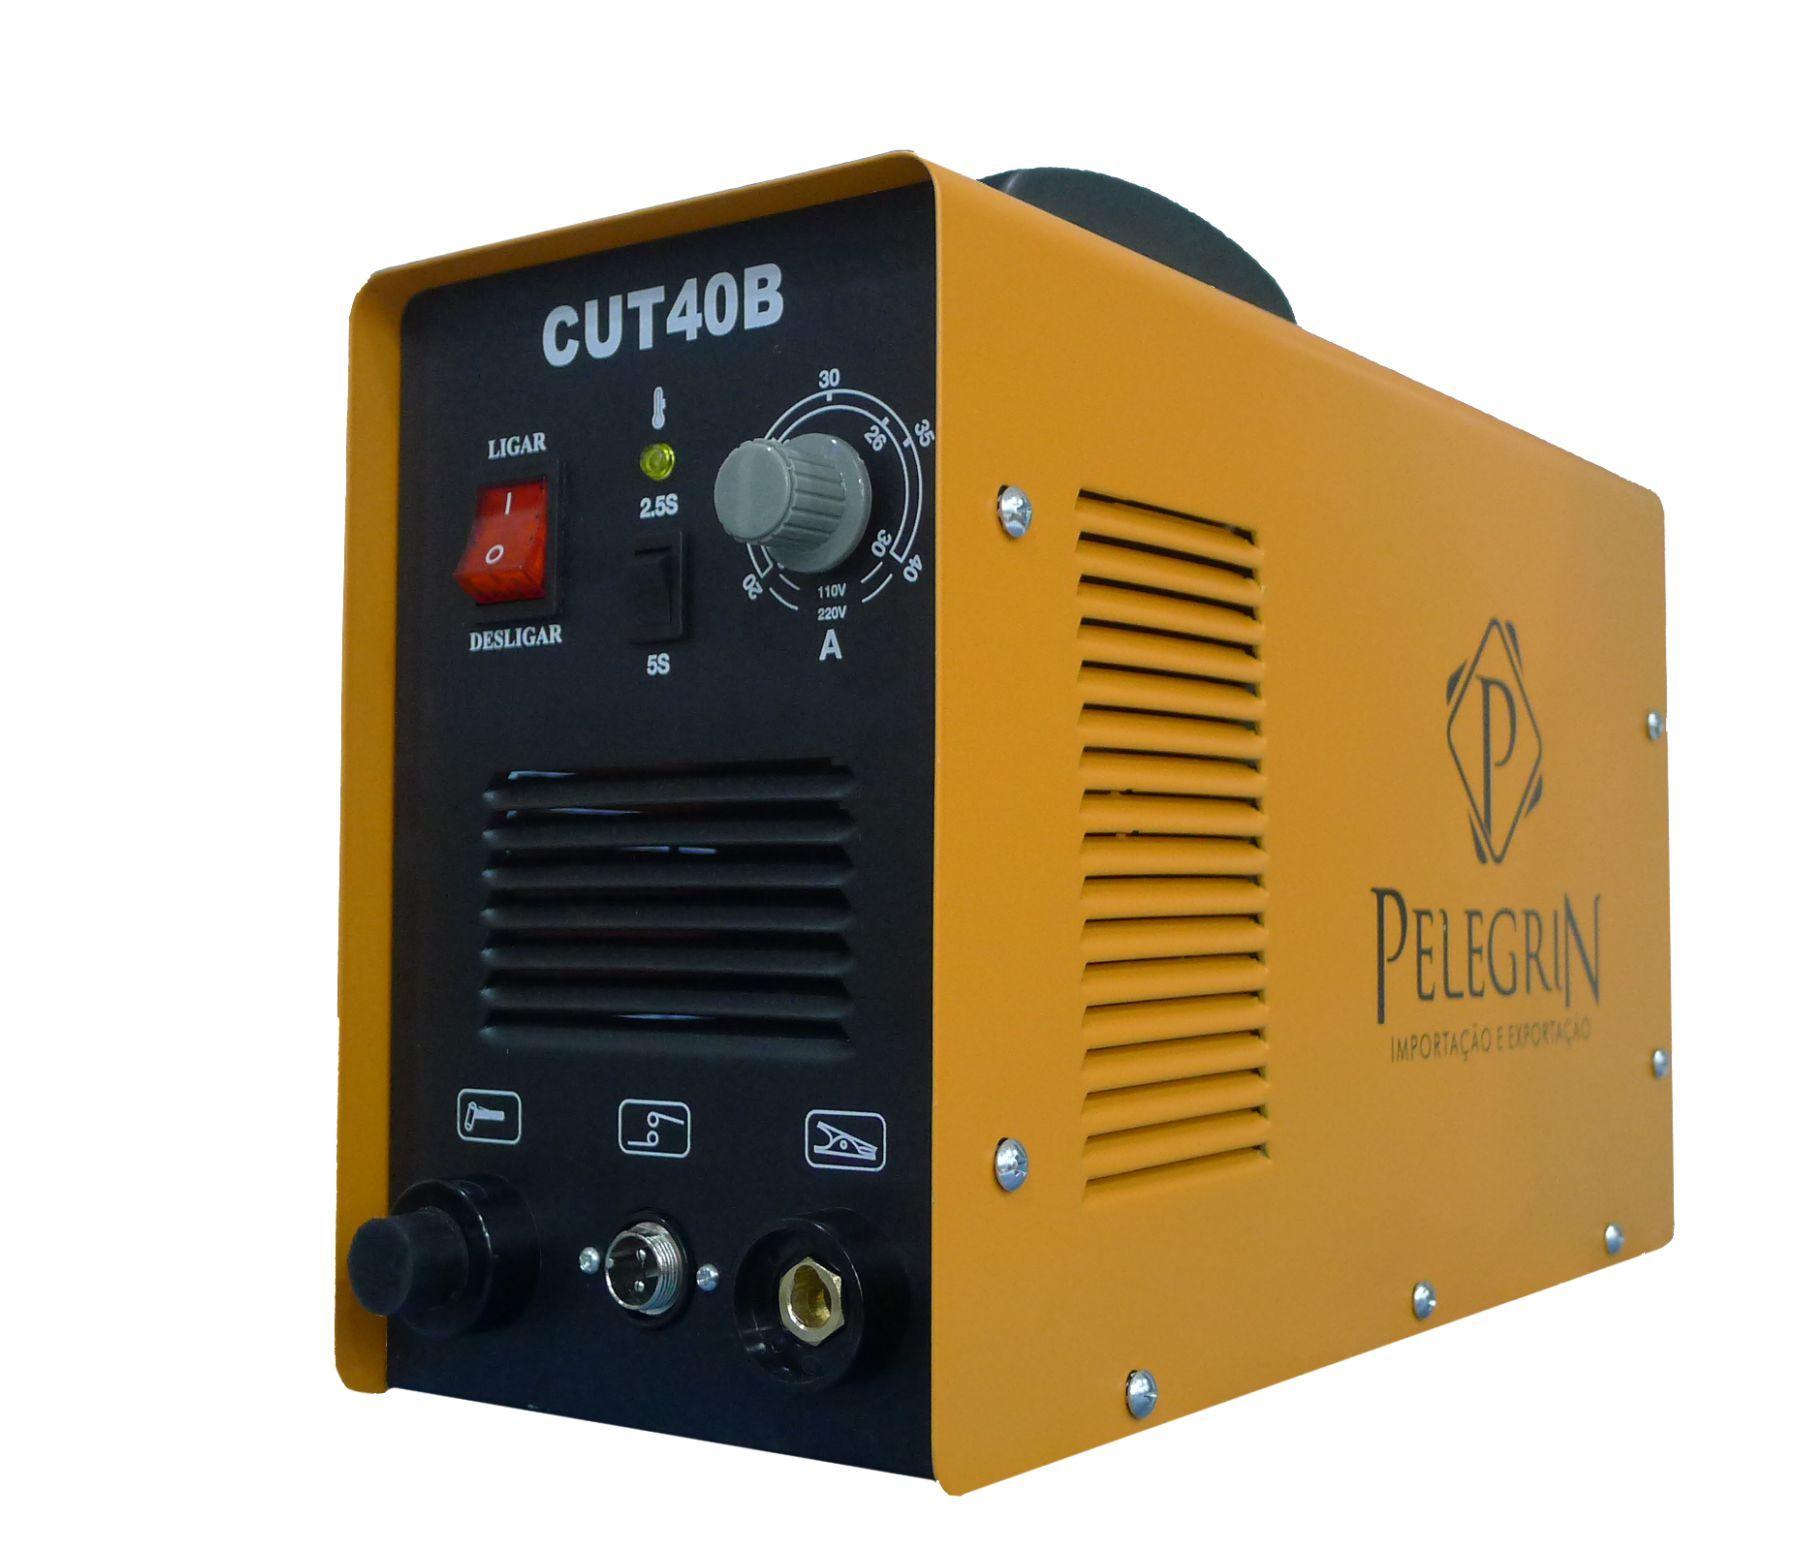 Inversor Corte de Plasma CUT 40B Bivolt Pelegrin